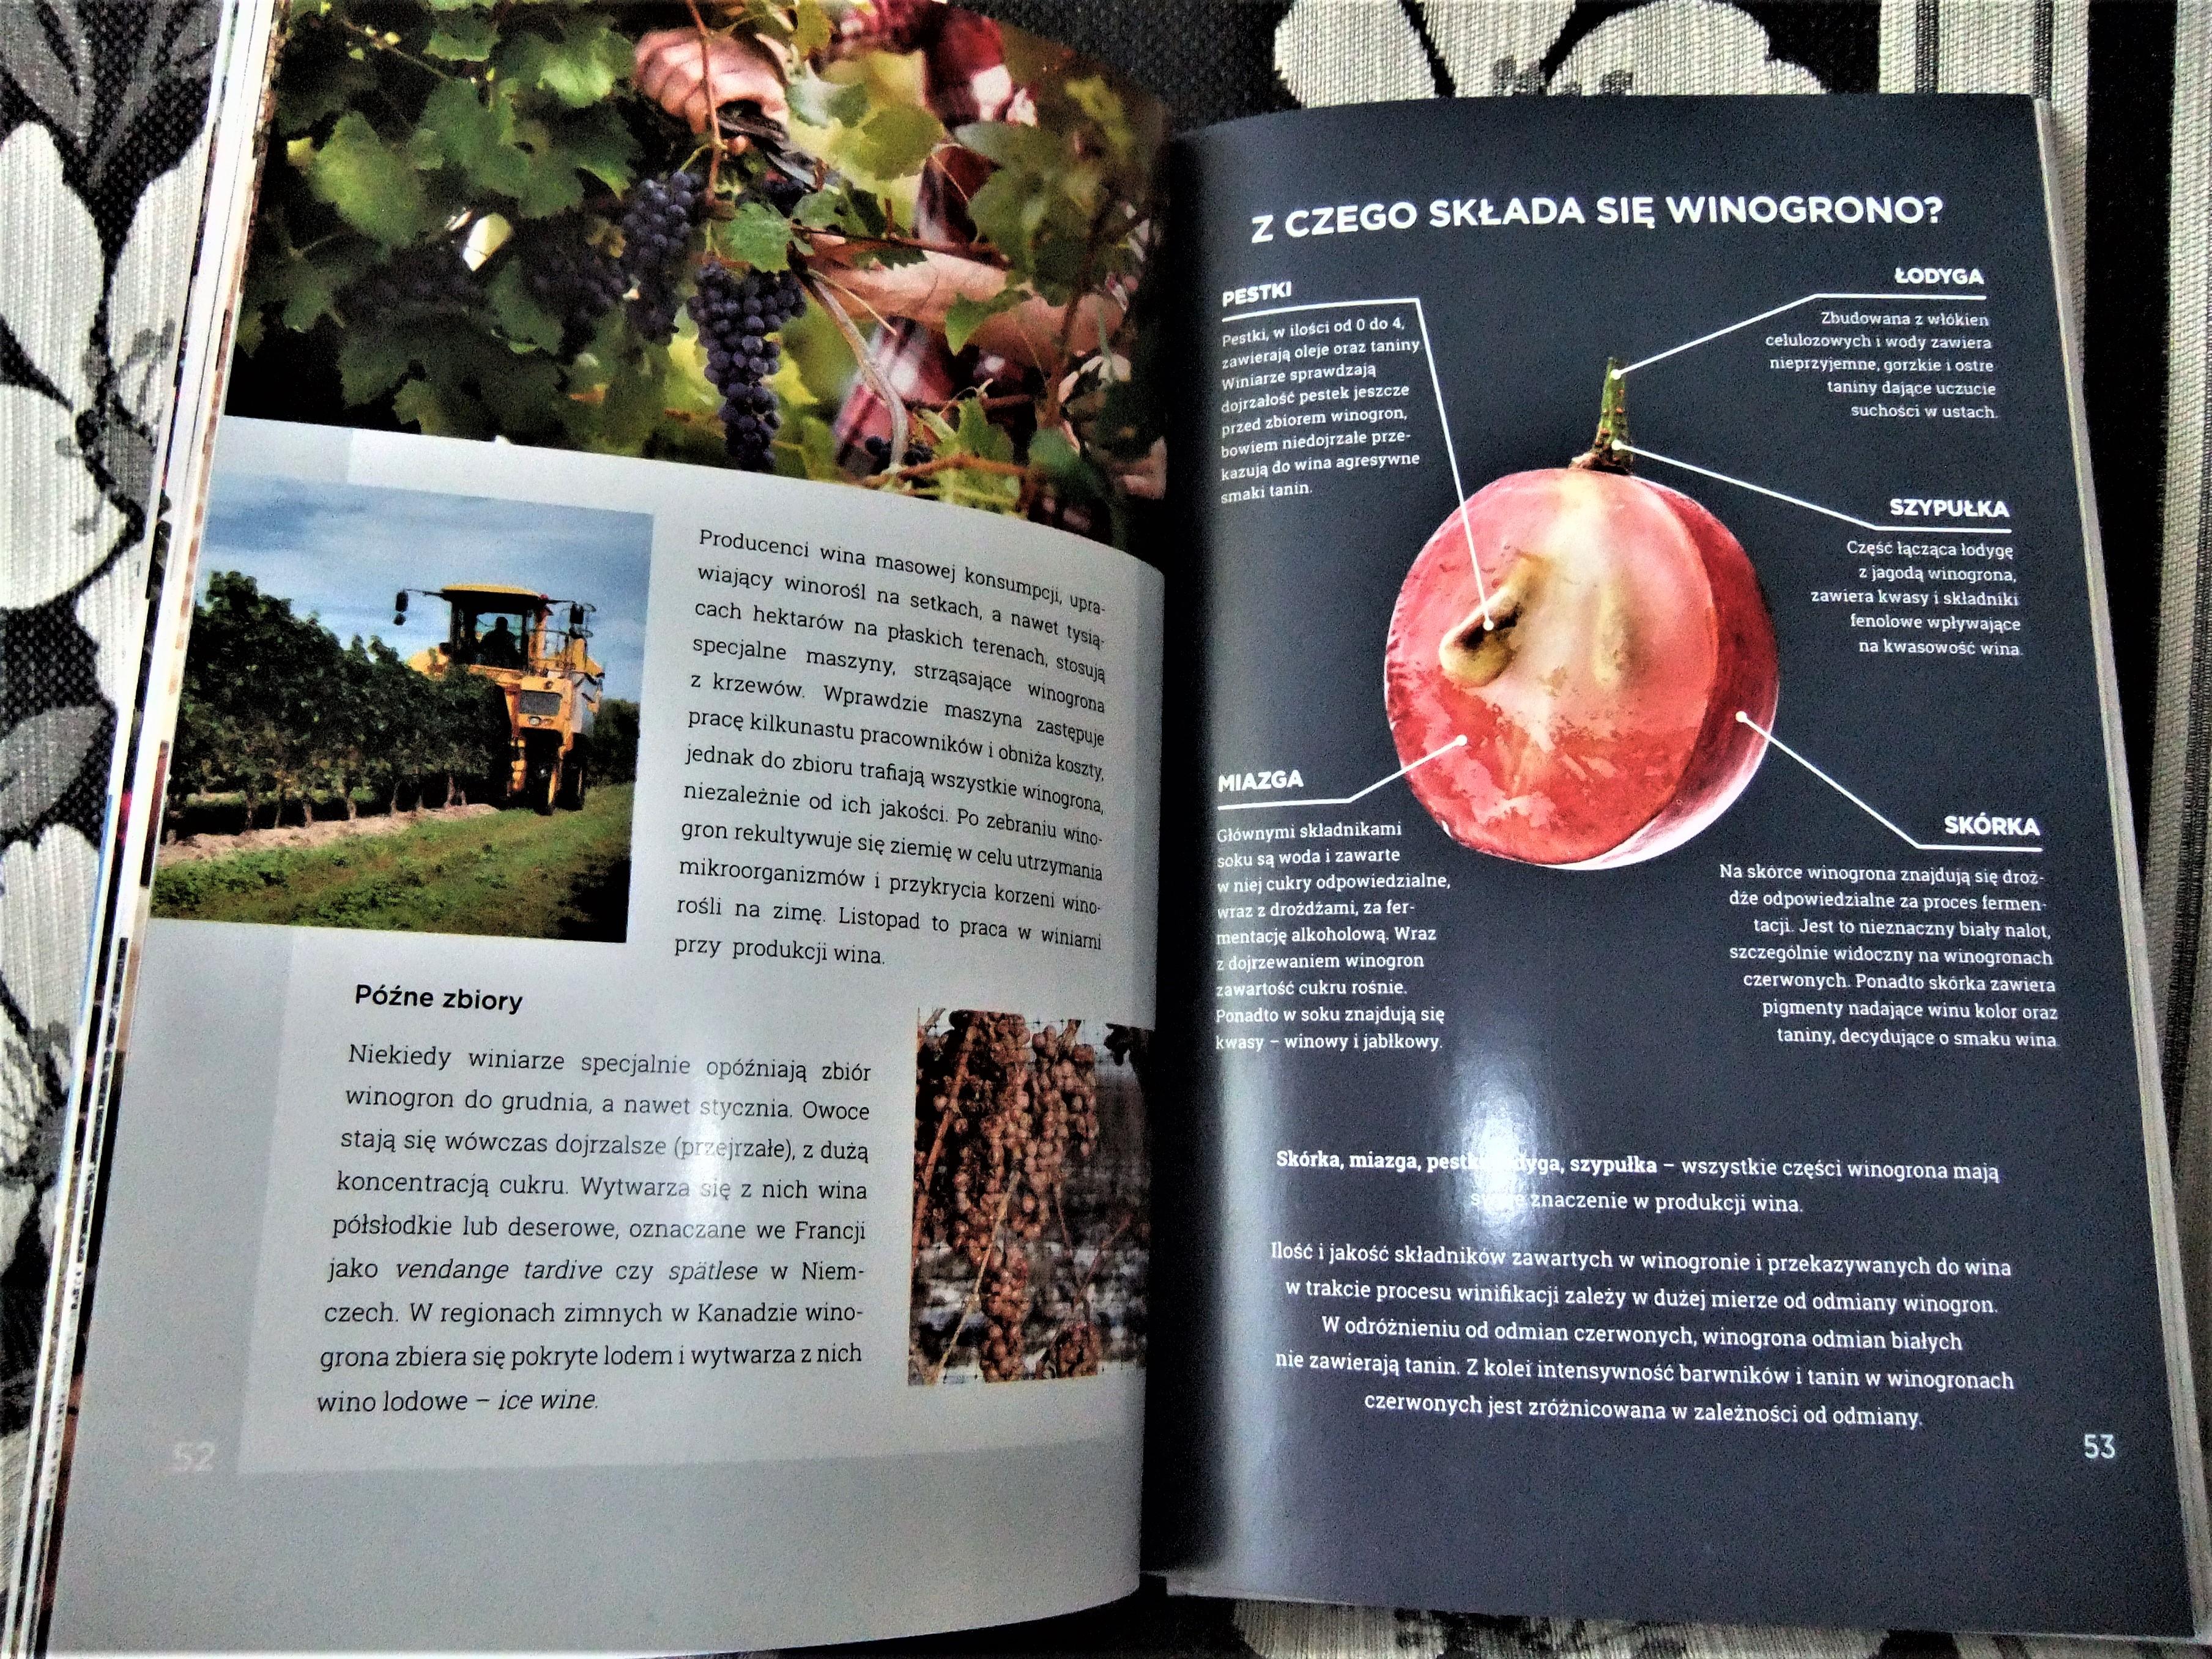 Książka z czego składa sie winogrono